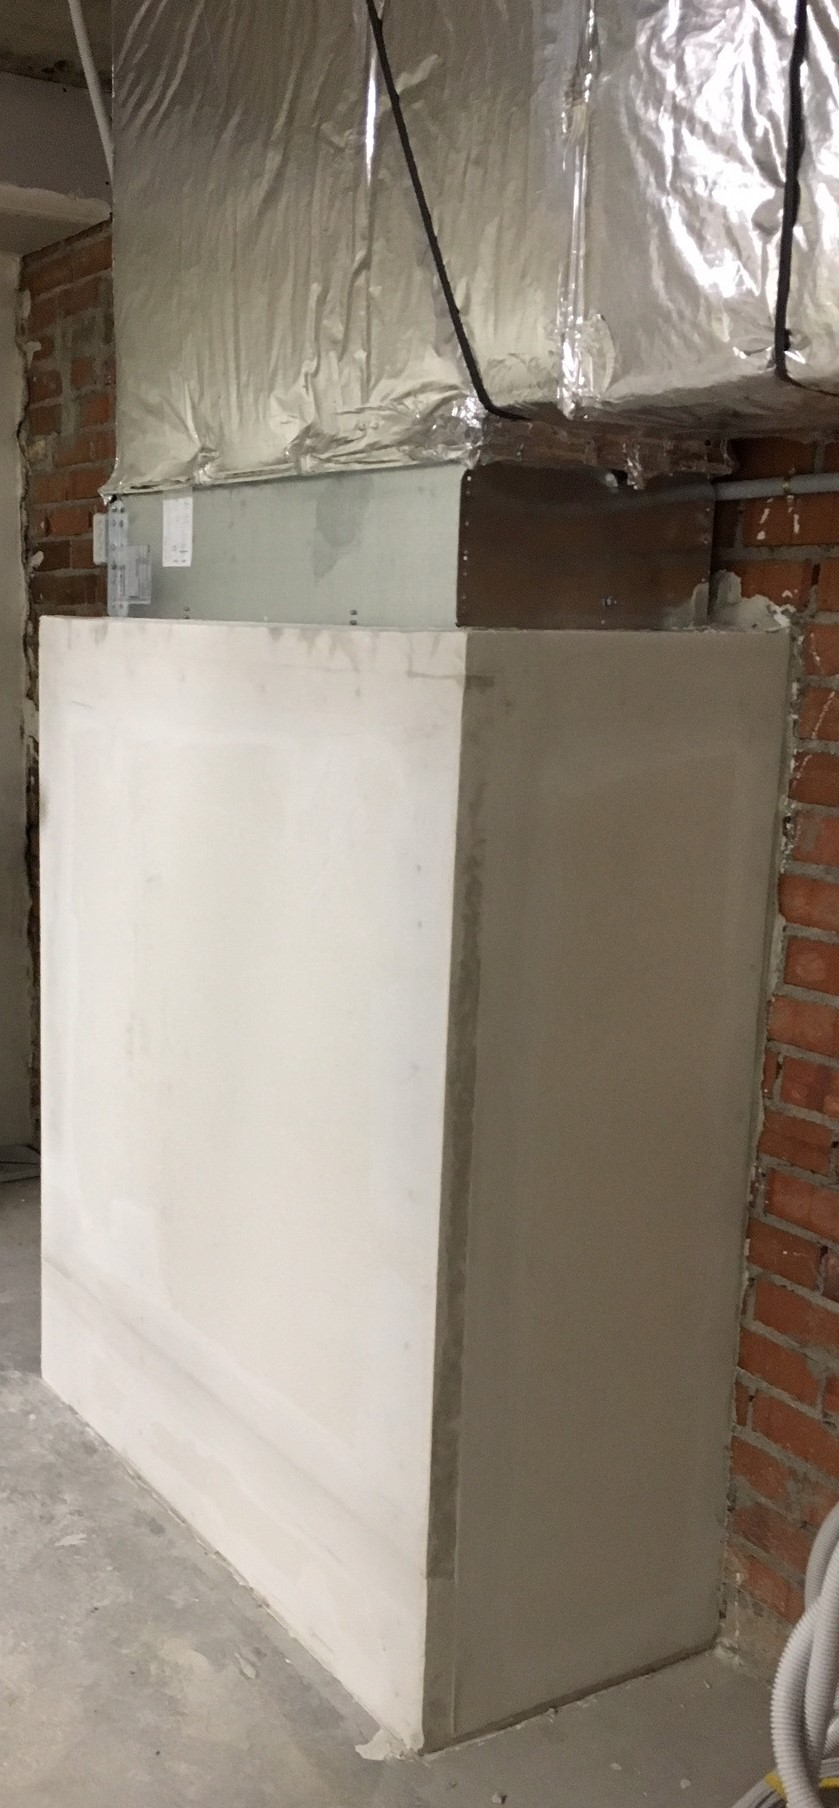 Estrucutra de los Conductos de ventilación y extracción de humos